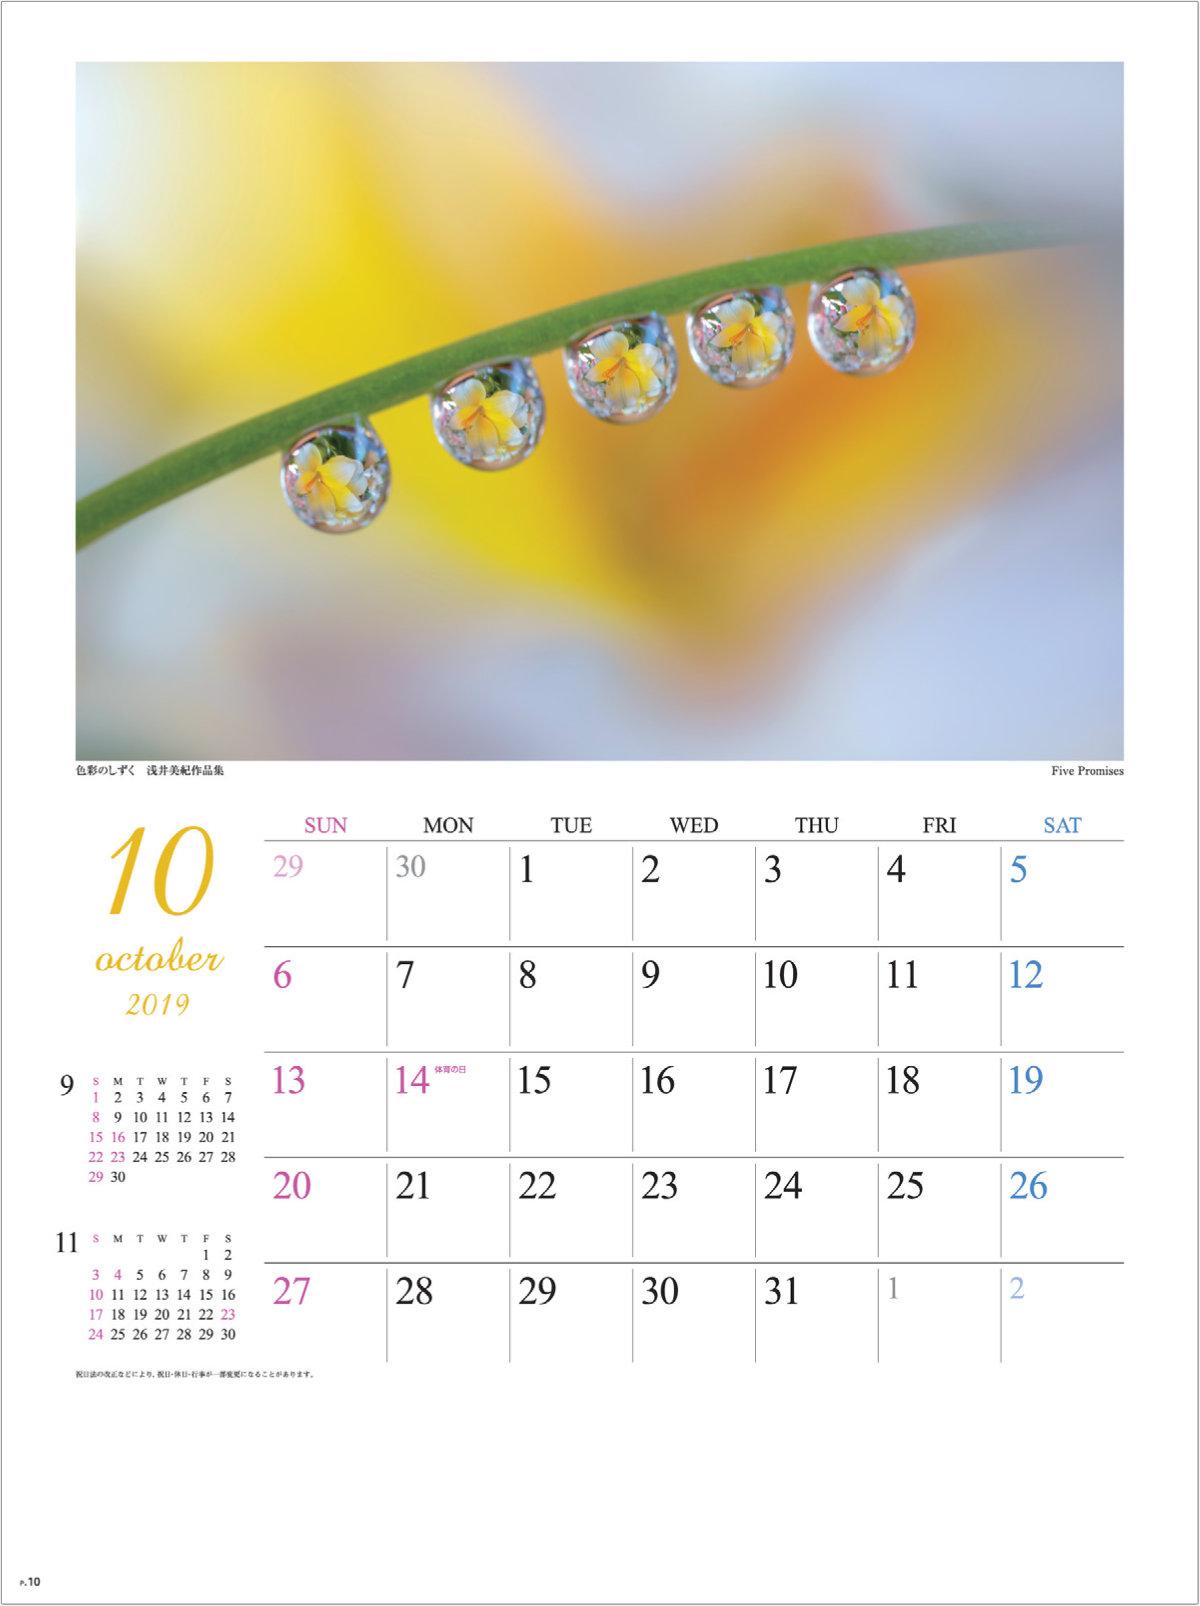 画像:浅井美紀 写真作品「Five Promises」 色彩のしずく・浅井美紀作品集 2019年カレンダー